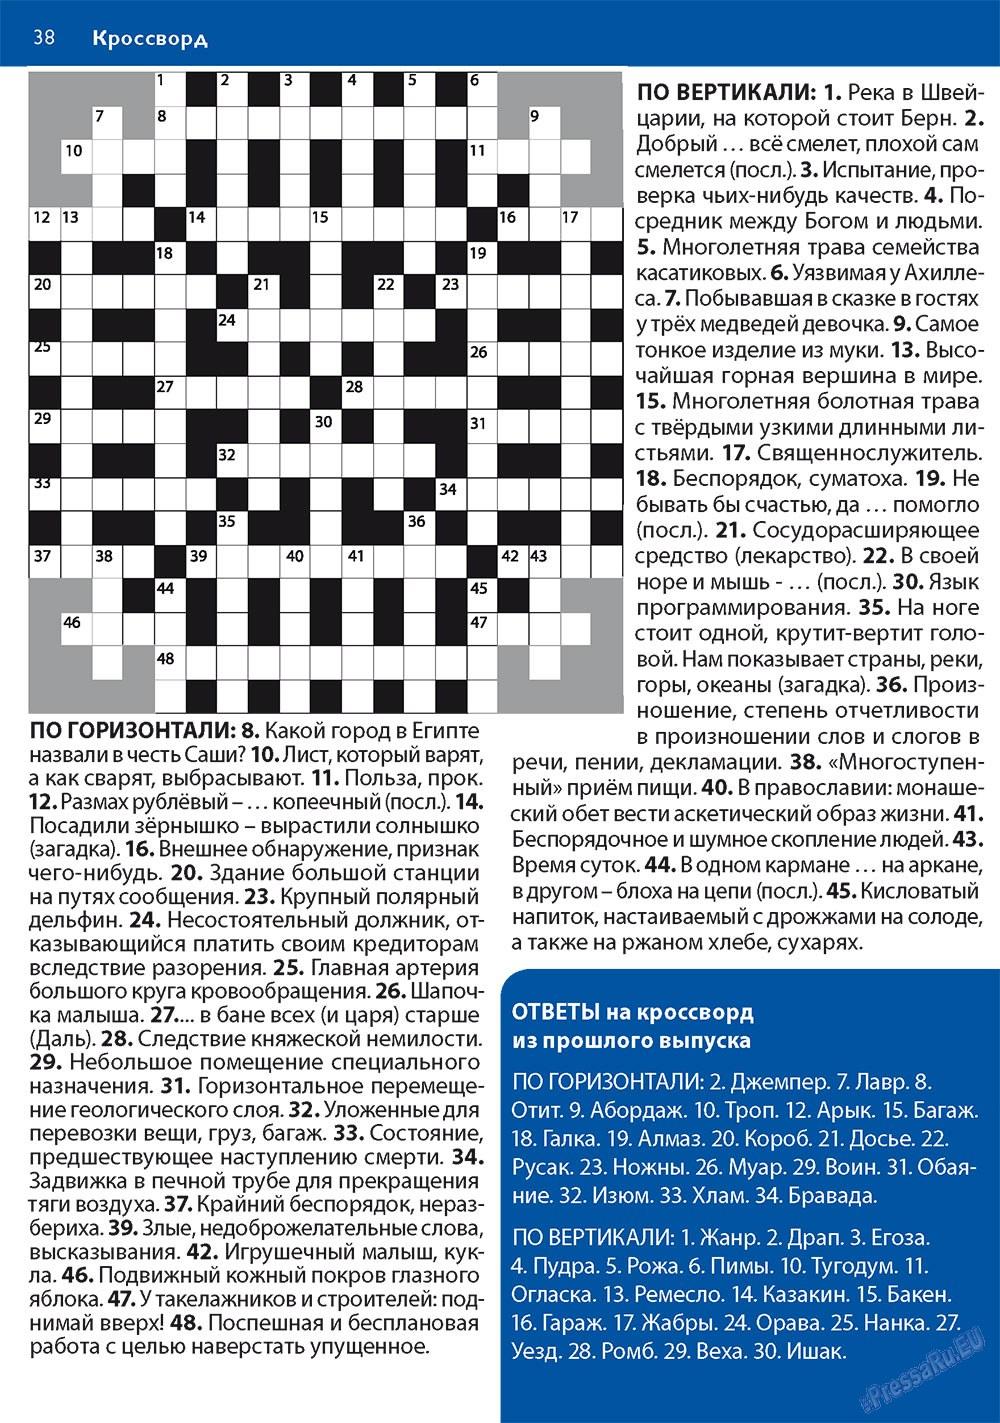 Апельсин (журнал). 2010 год, номер 12, стр. 38